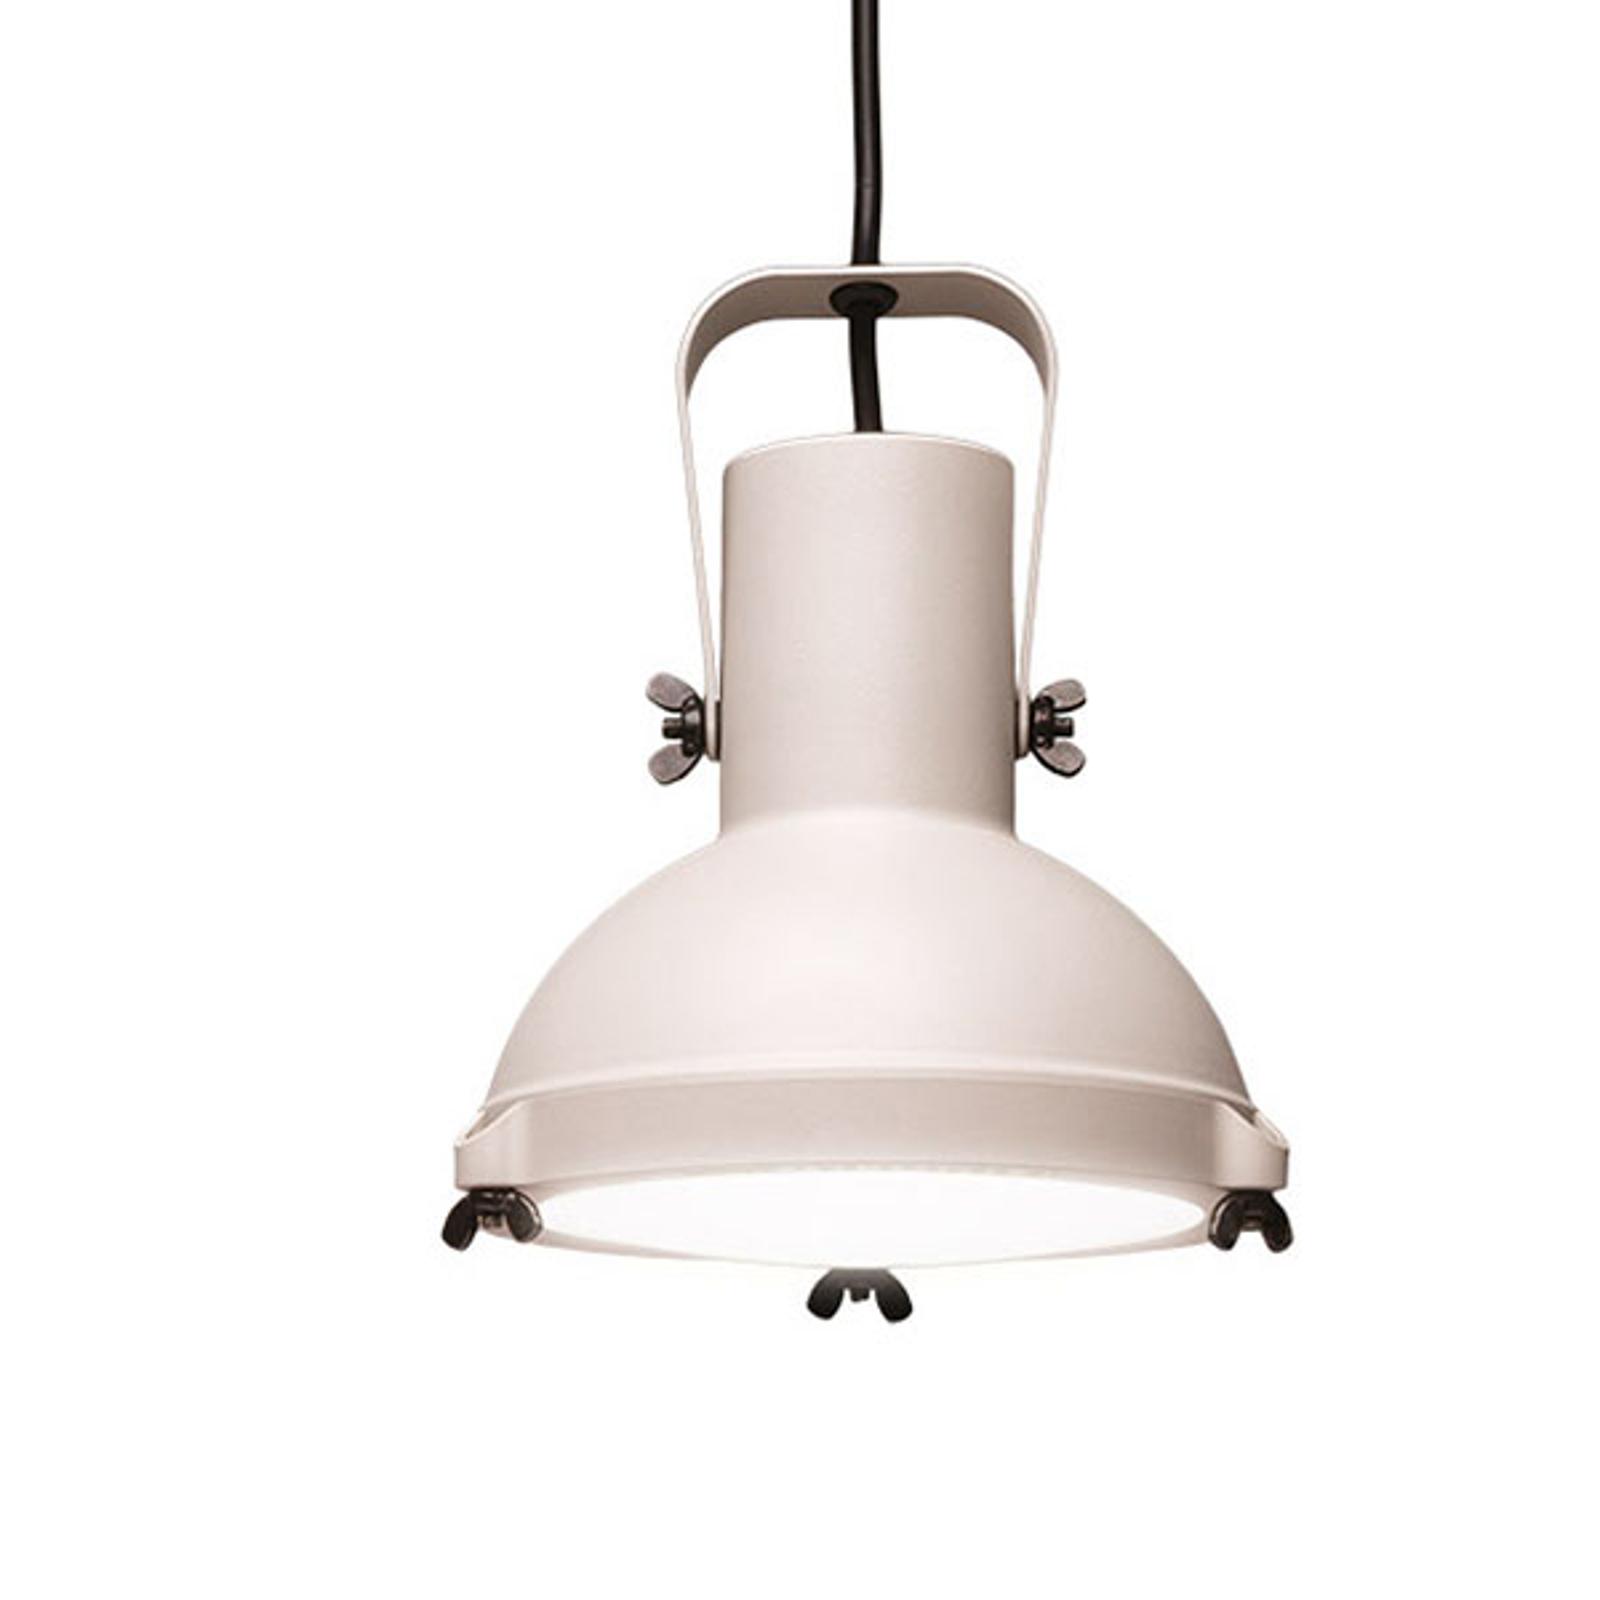 Nemo Projecteur 165 lámpara colgante, blanco arena